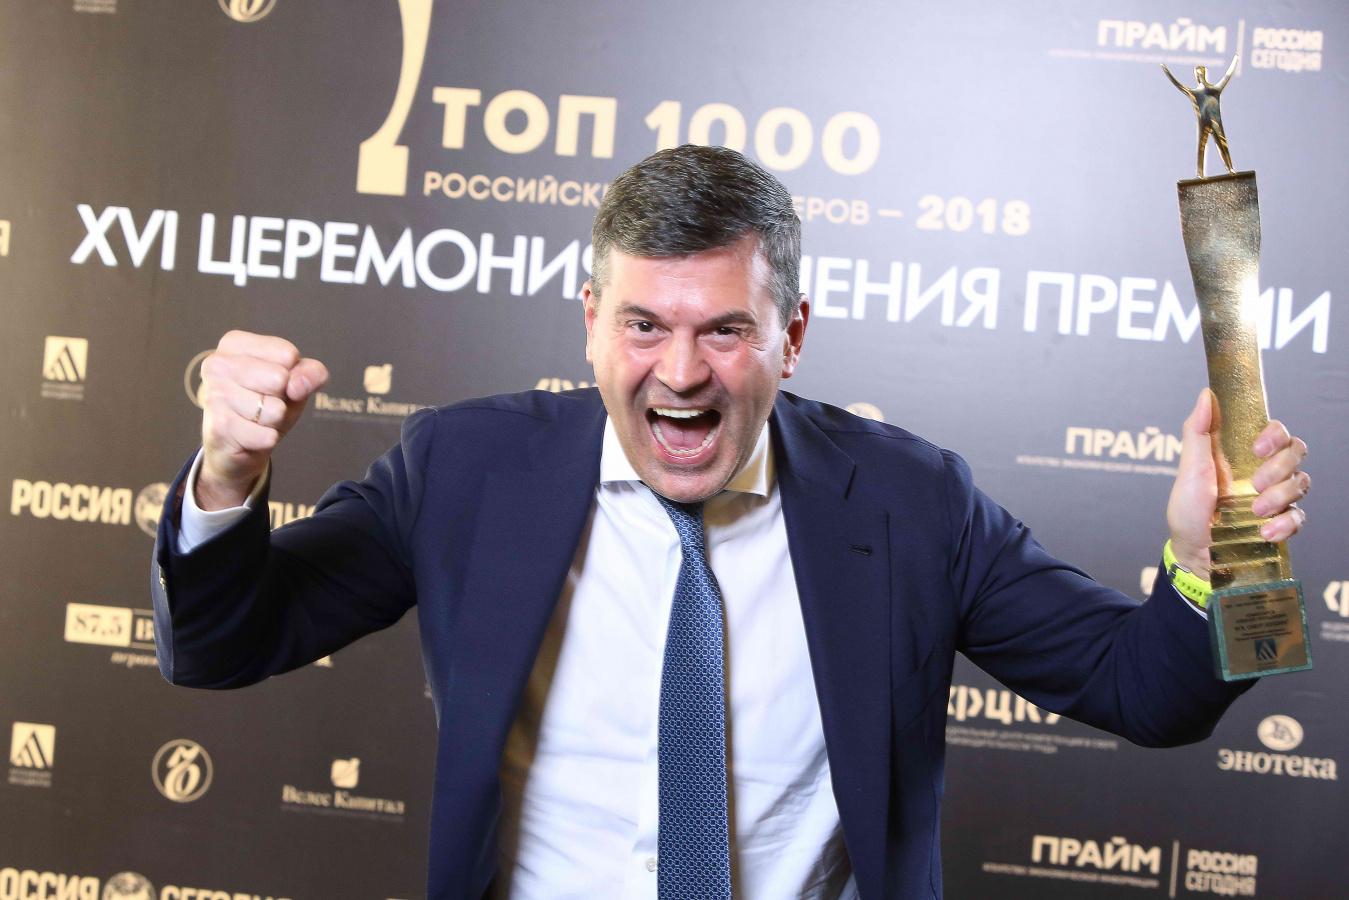 Ежегодная премия «Топ-1000 российских менеджеров»